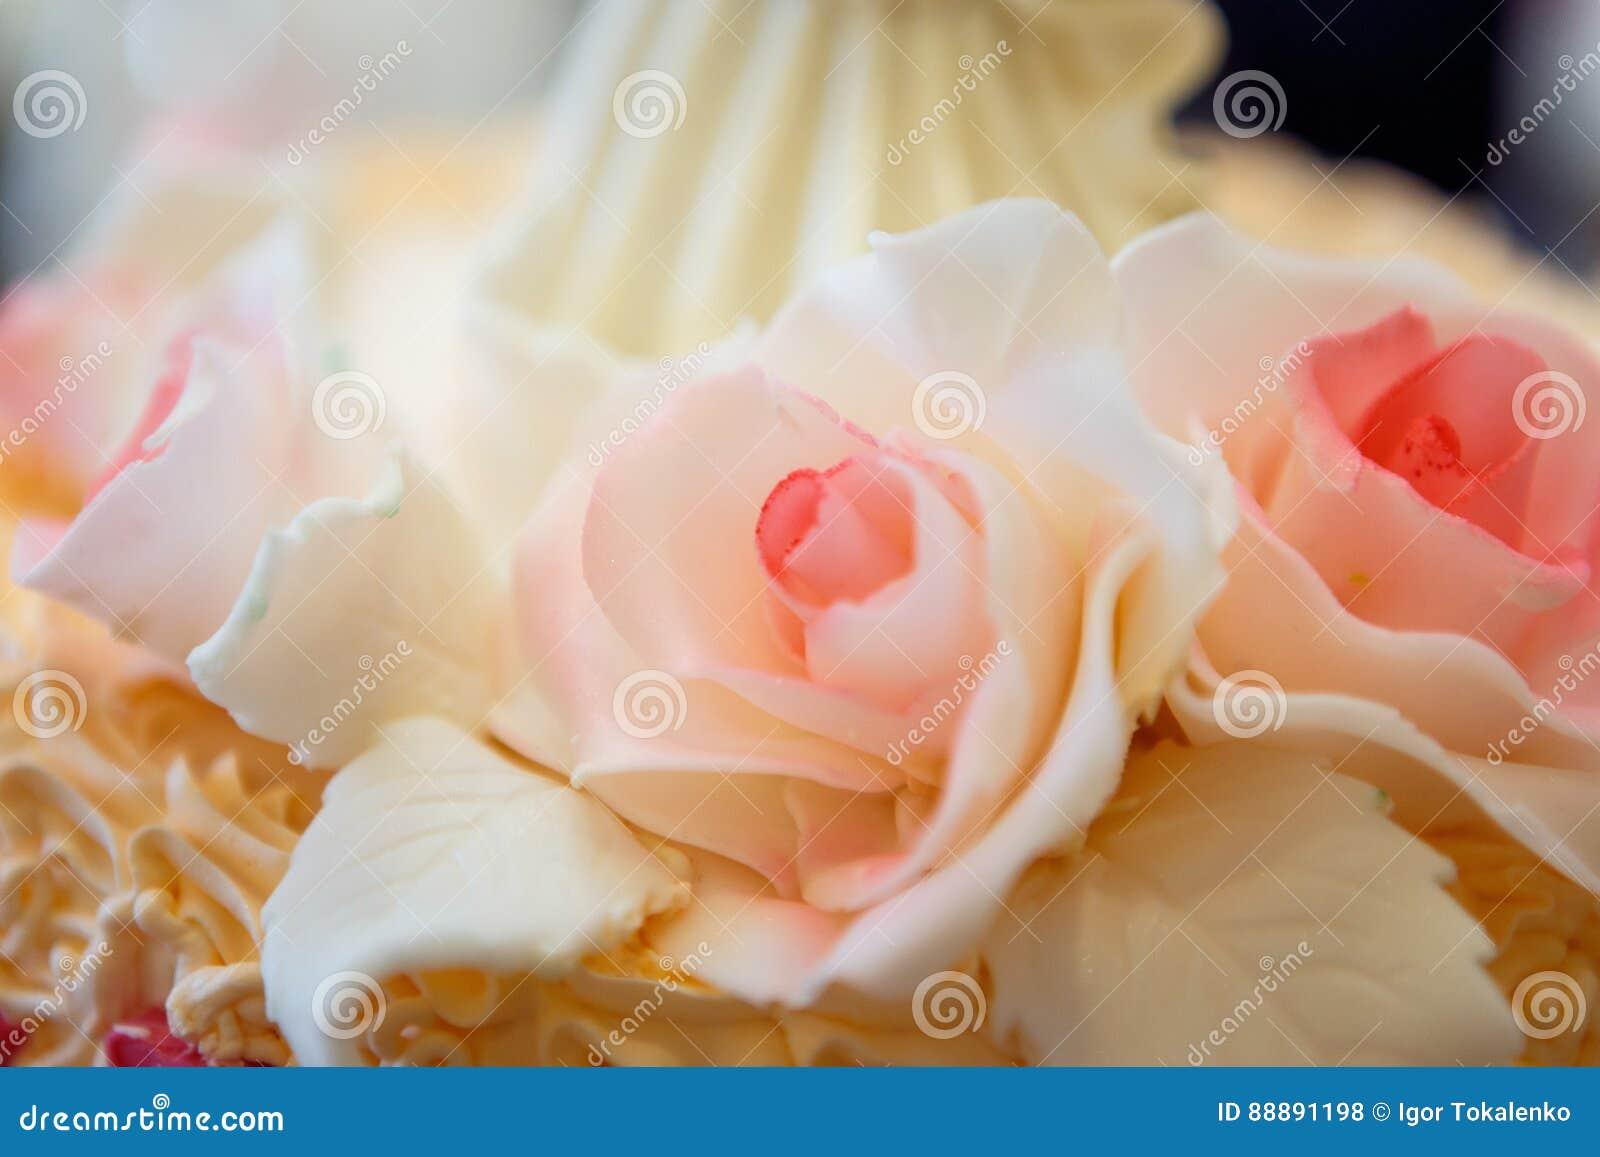 招标与三层的美丽的大婚宴喜饼装饰的